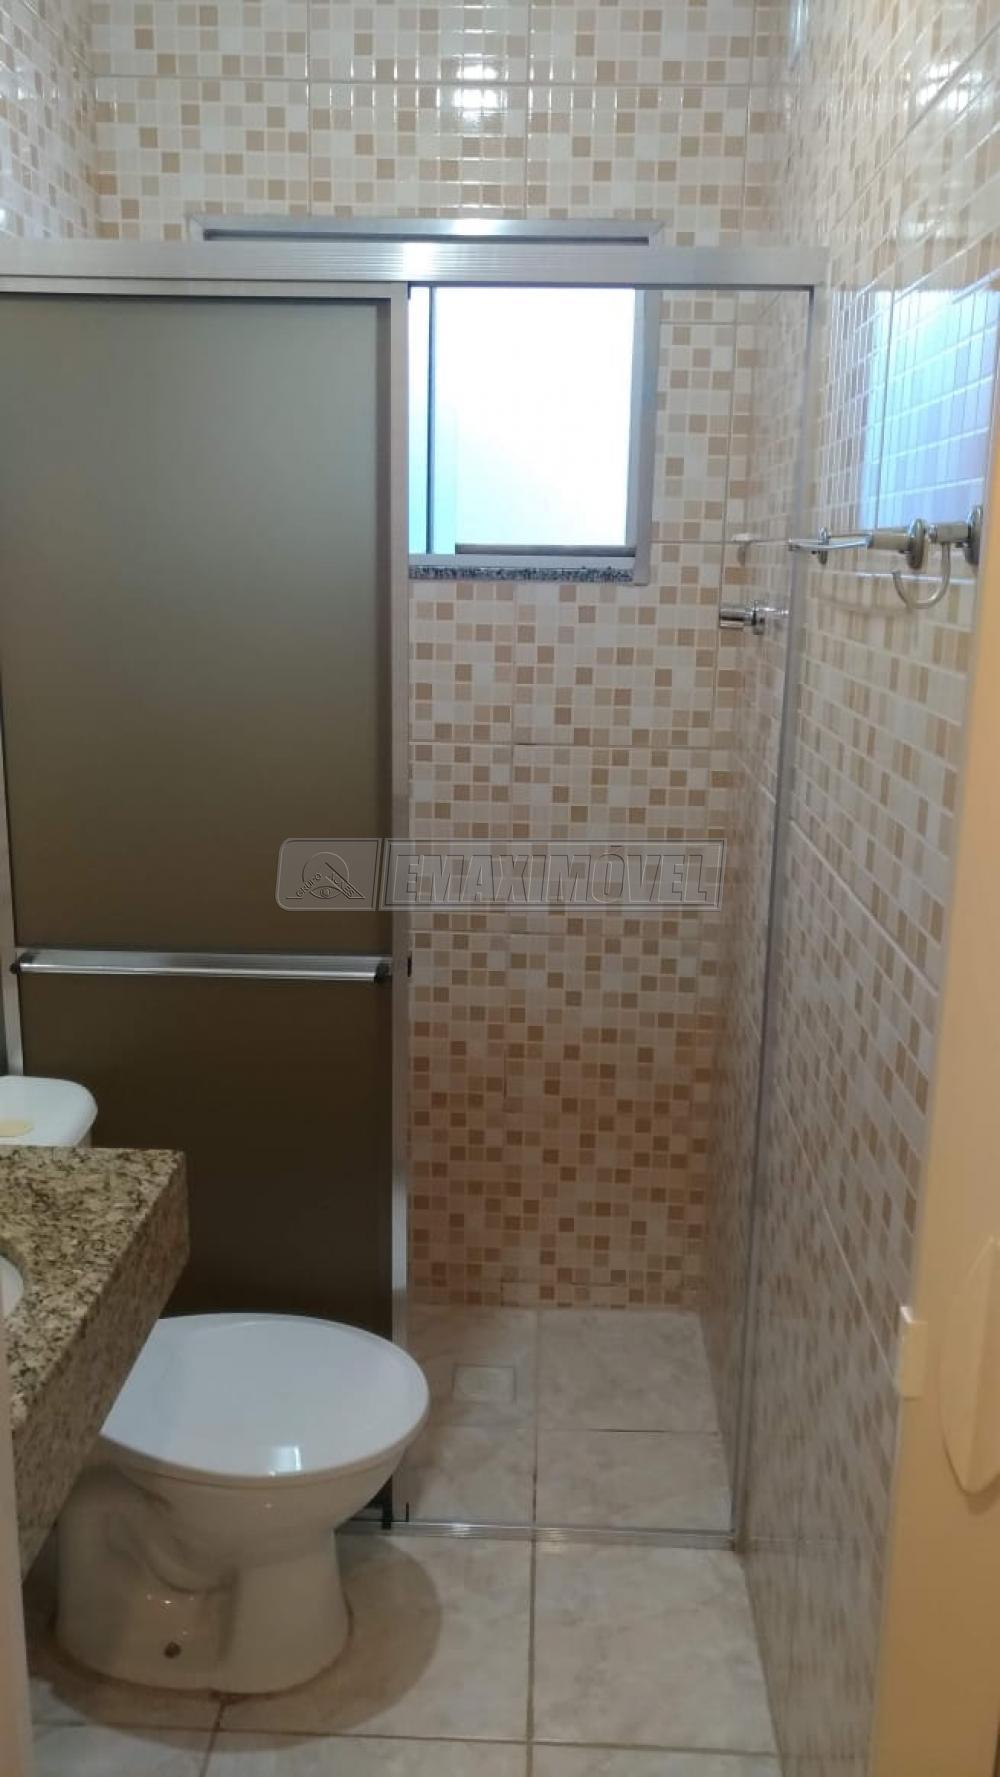 Comprar Casas / em Bairros em Sorocaba apenas R$ 235.000,00 - Foto 14